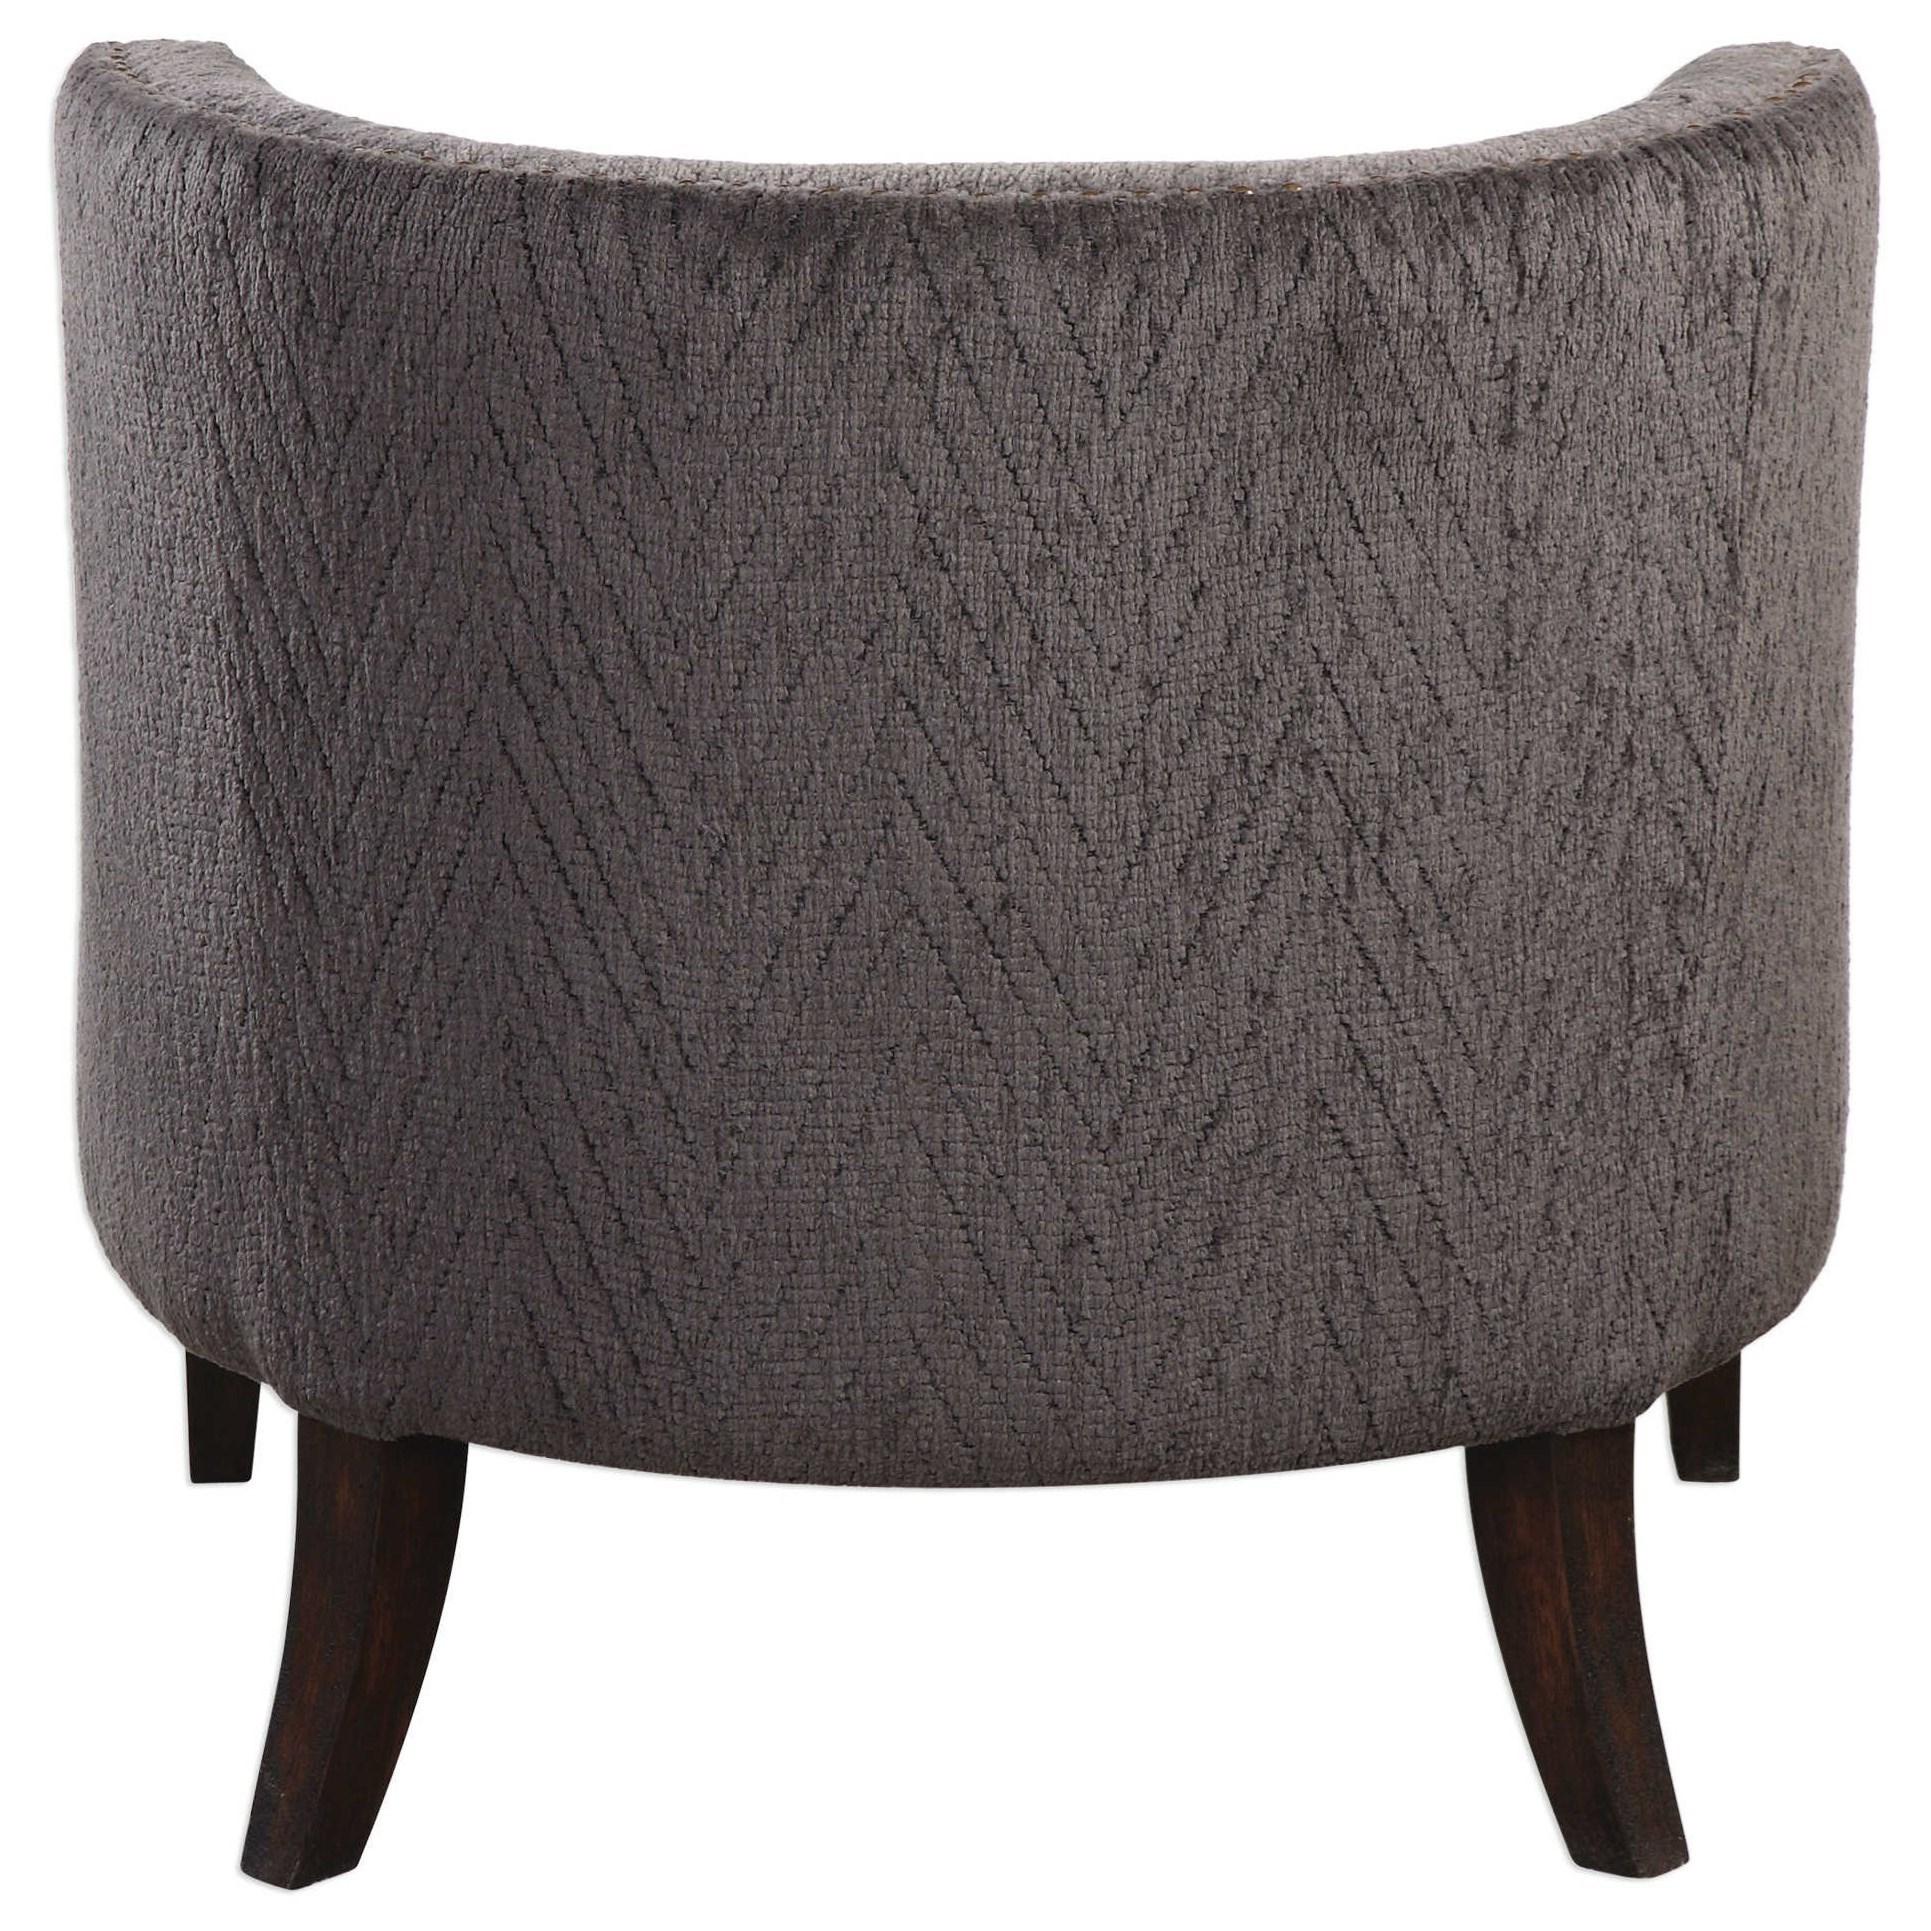 Uttermost Accent Furniture Suzuka Geometric Accent Chair